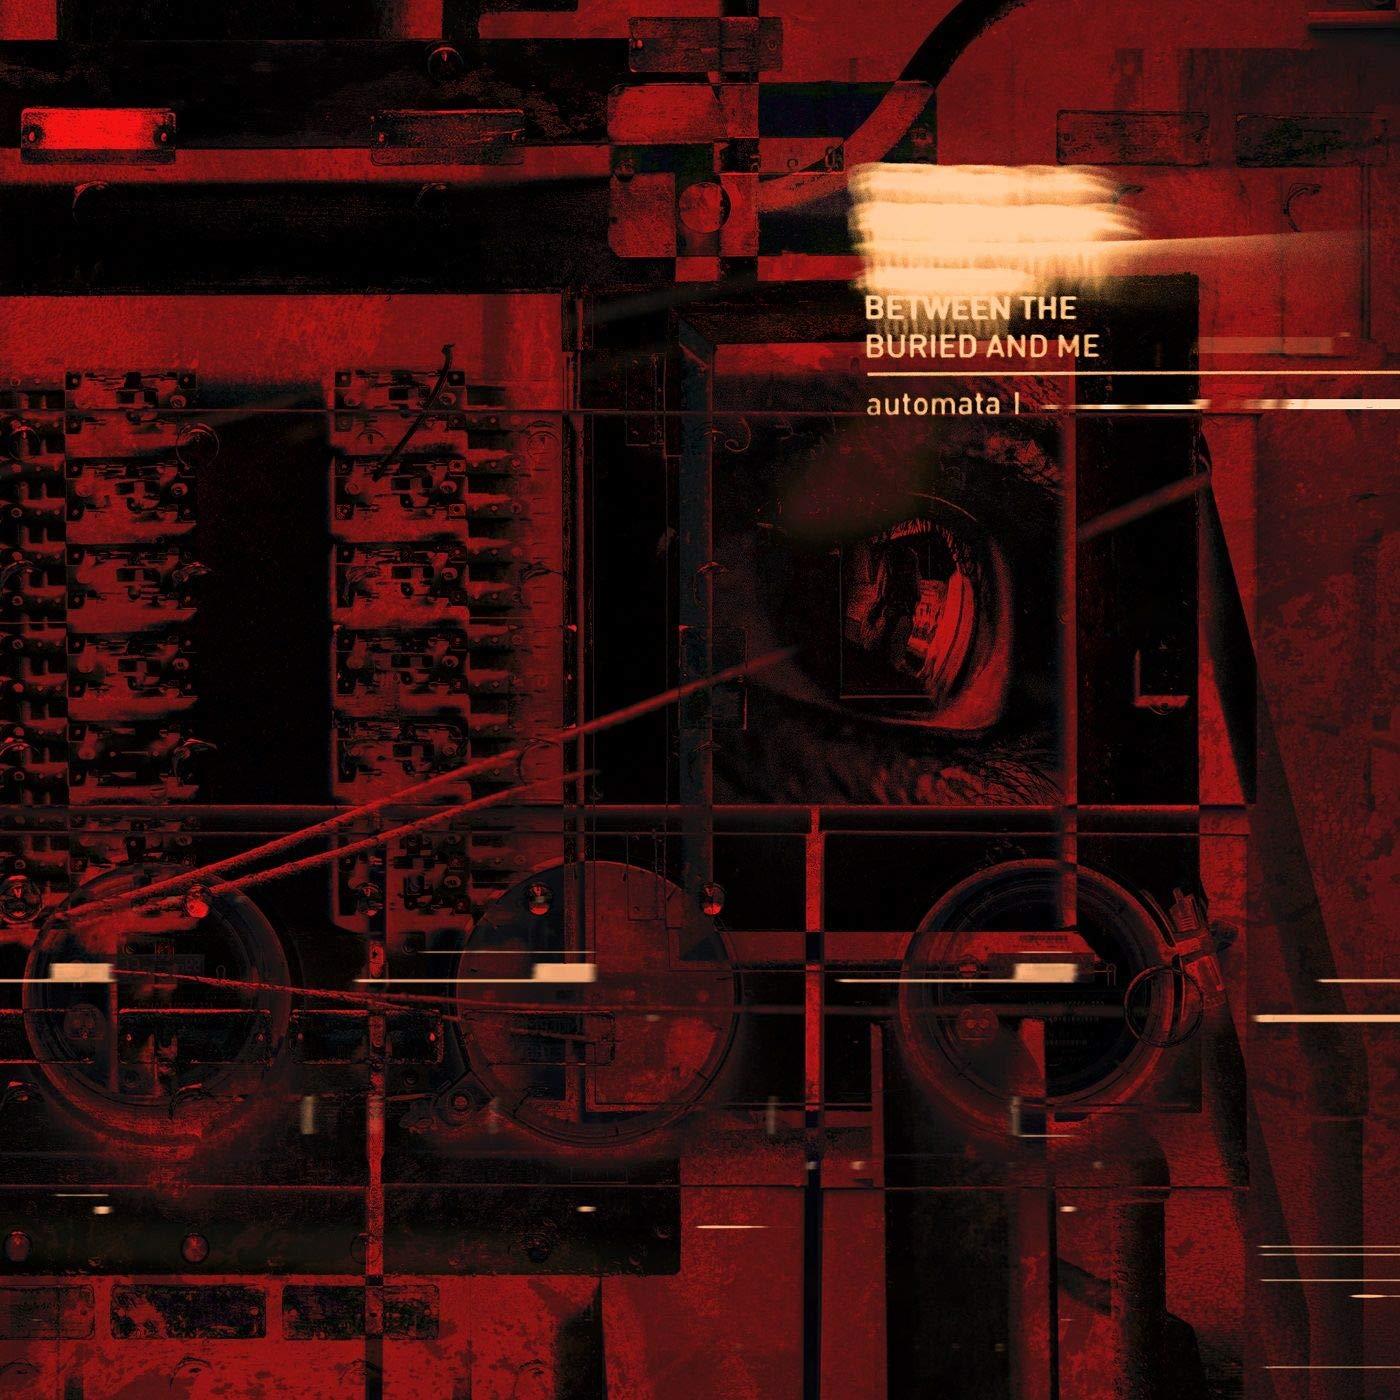 Альбом для фото из автомата работа по вемкам в кизляр